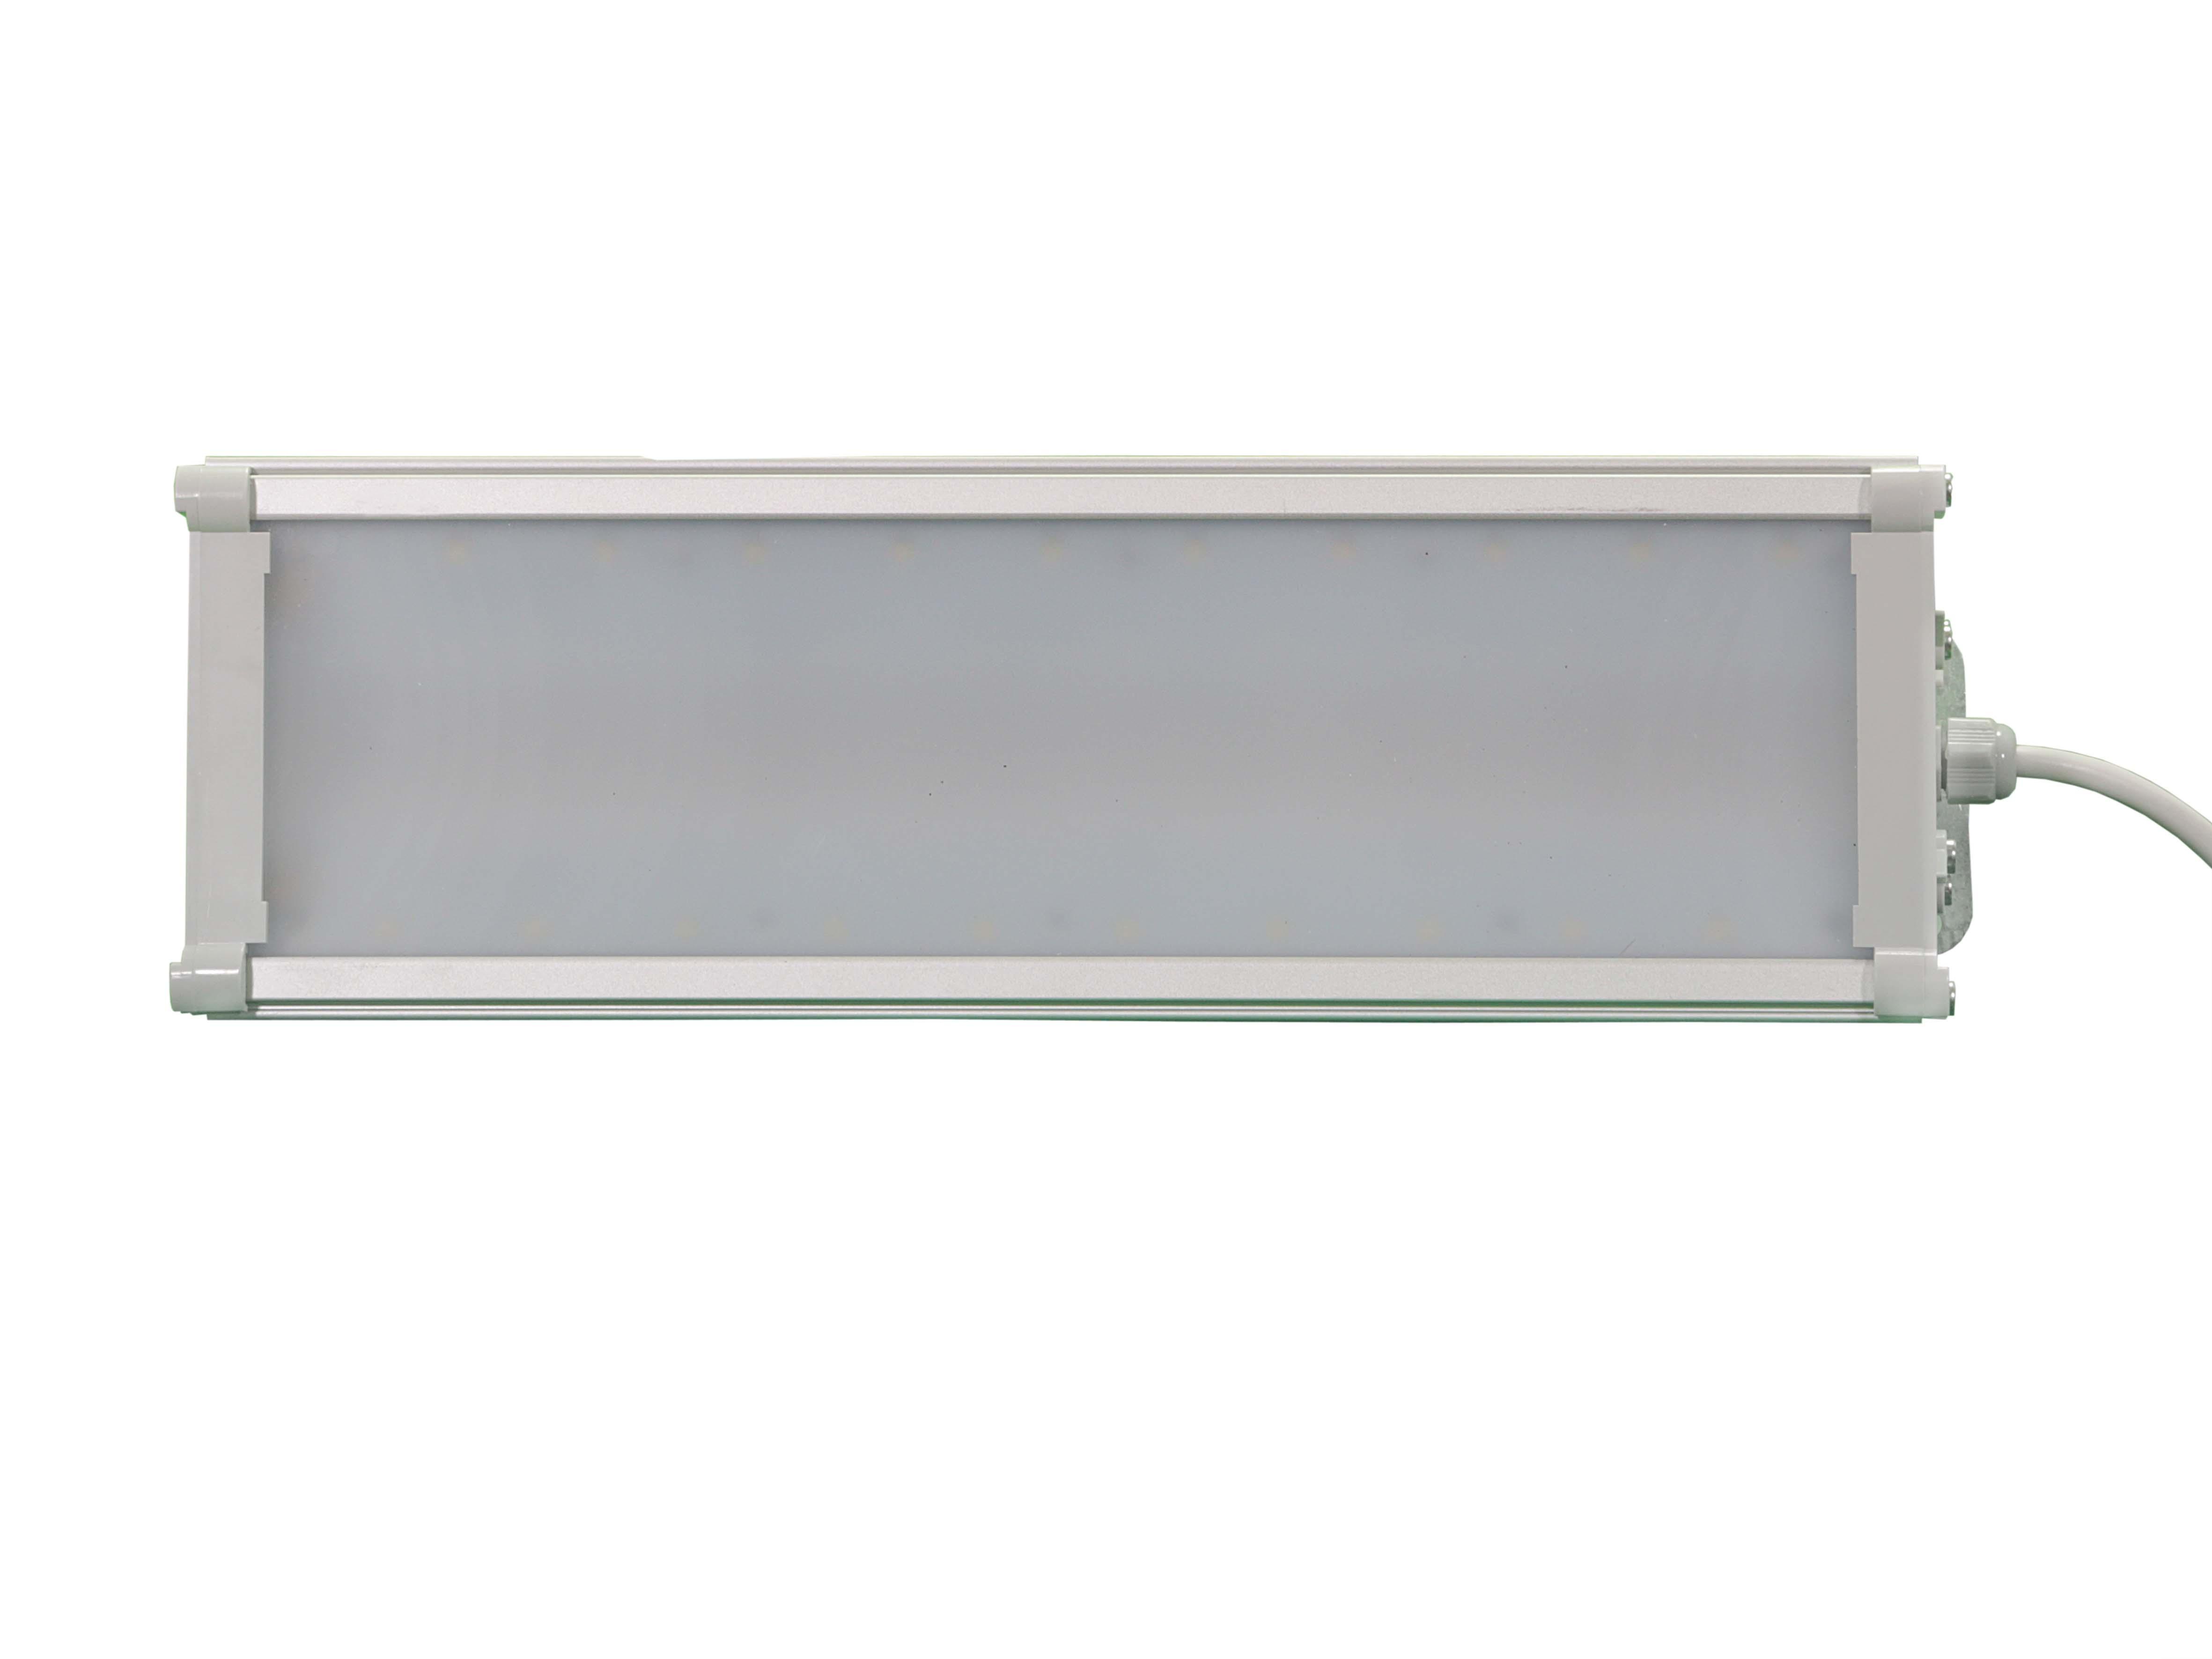 Офисный светодиодный светильник Армстронг Стандарт-30 30Вт 3390Лм